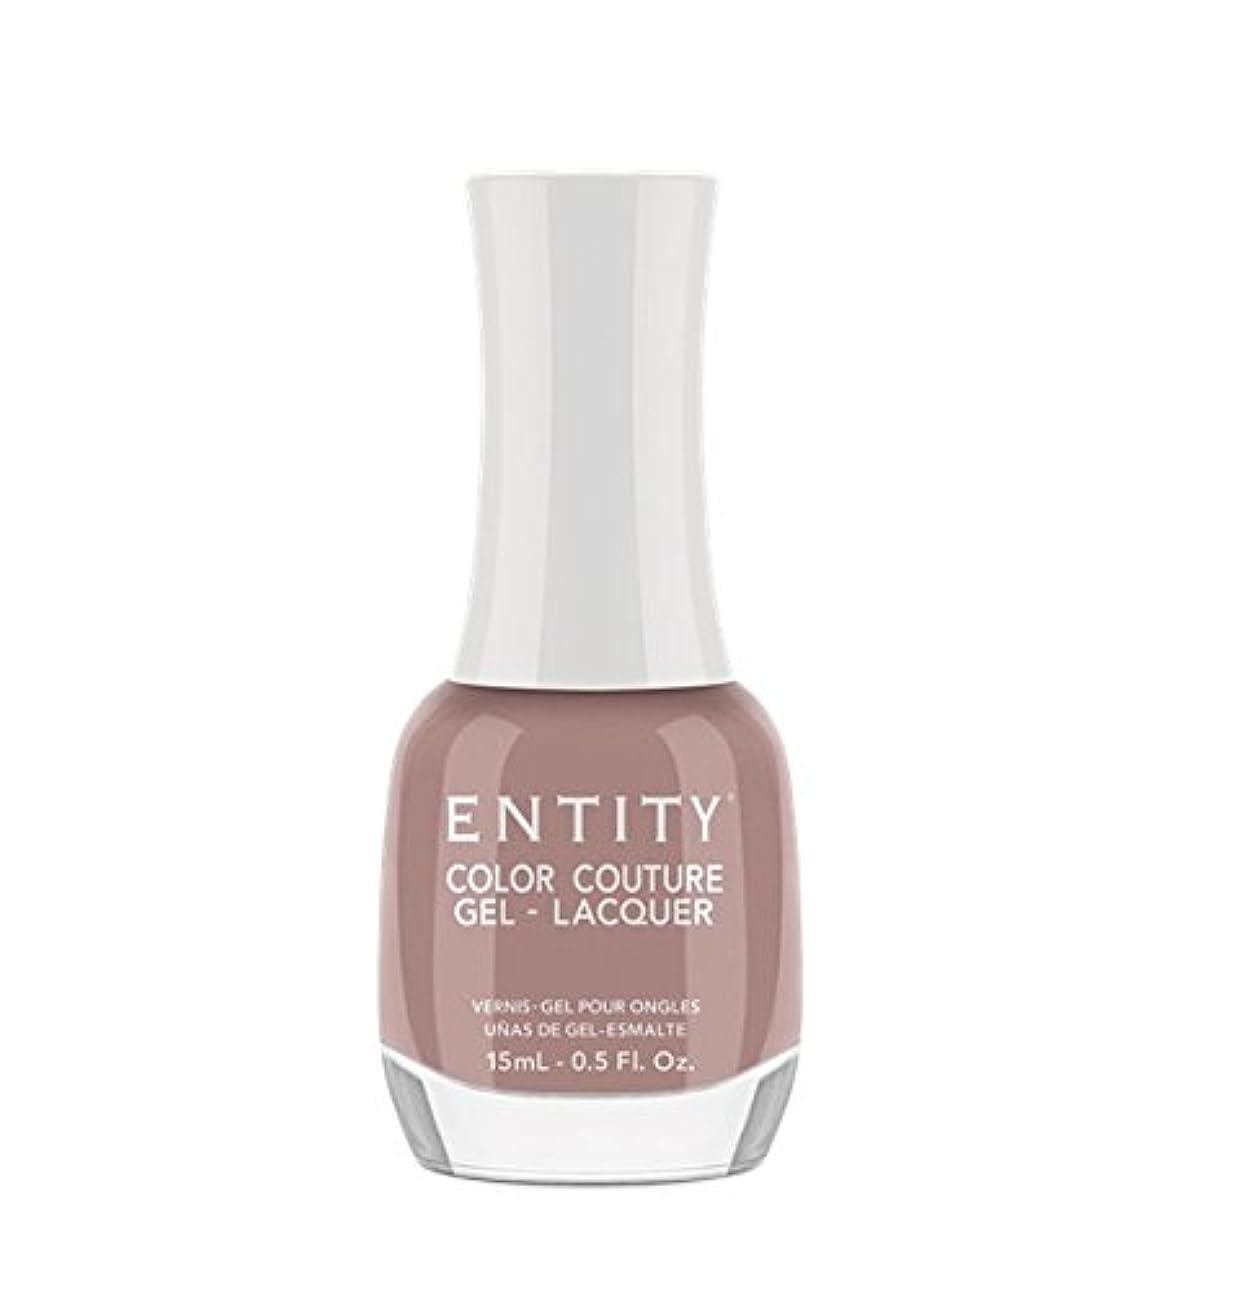 Entity Color Couture Gel-Lacquer - Don't Mind Me - 15 ml/0.5 oz